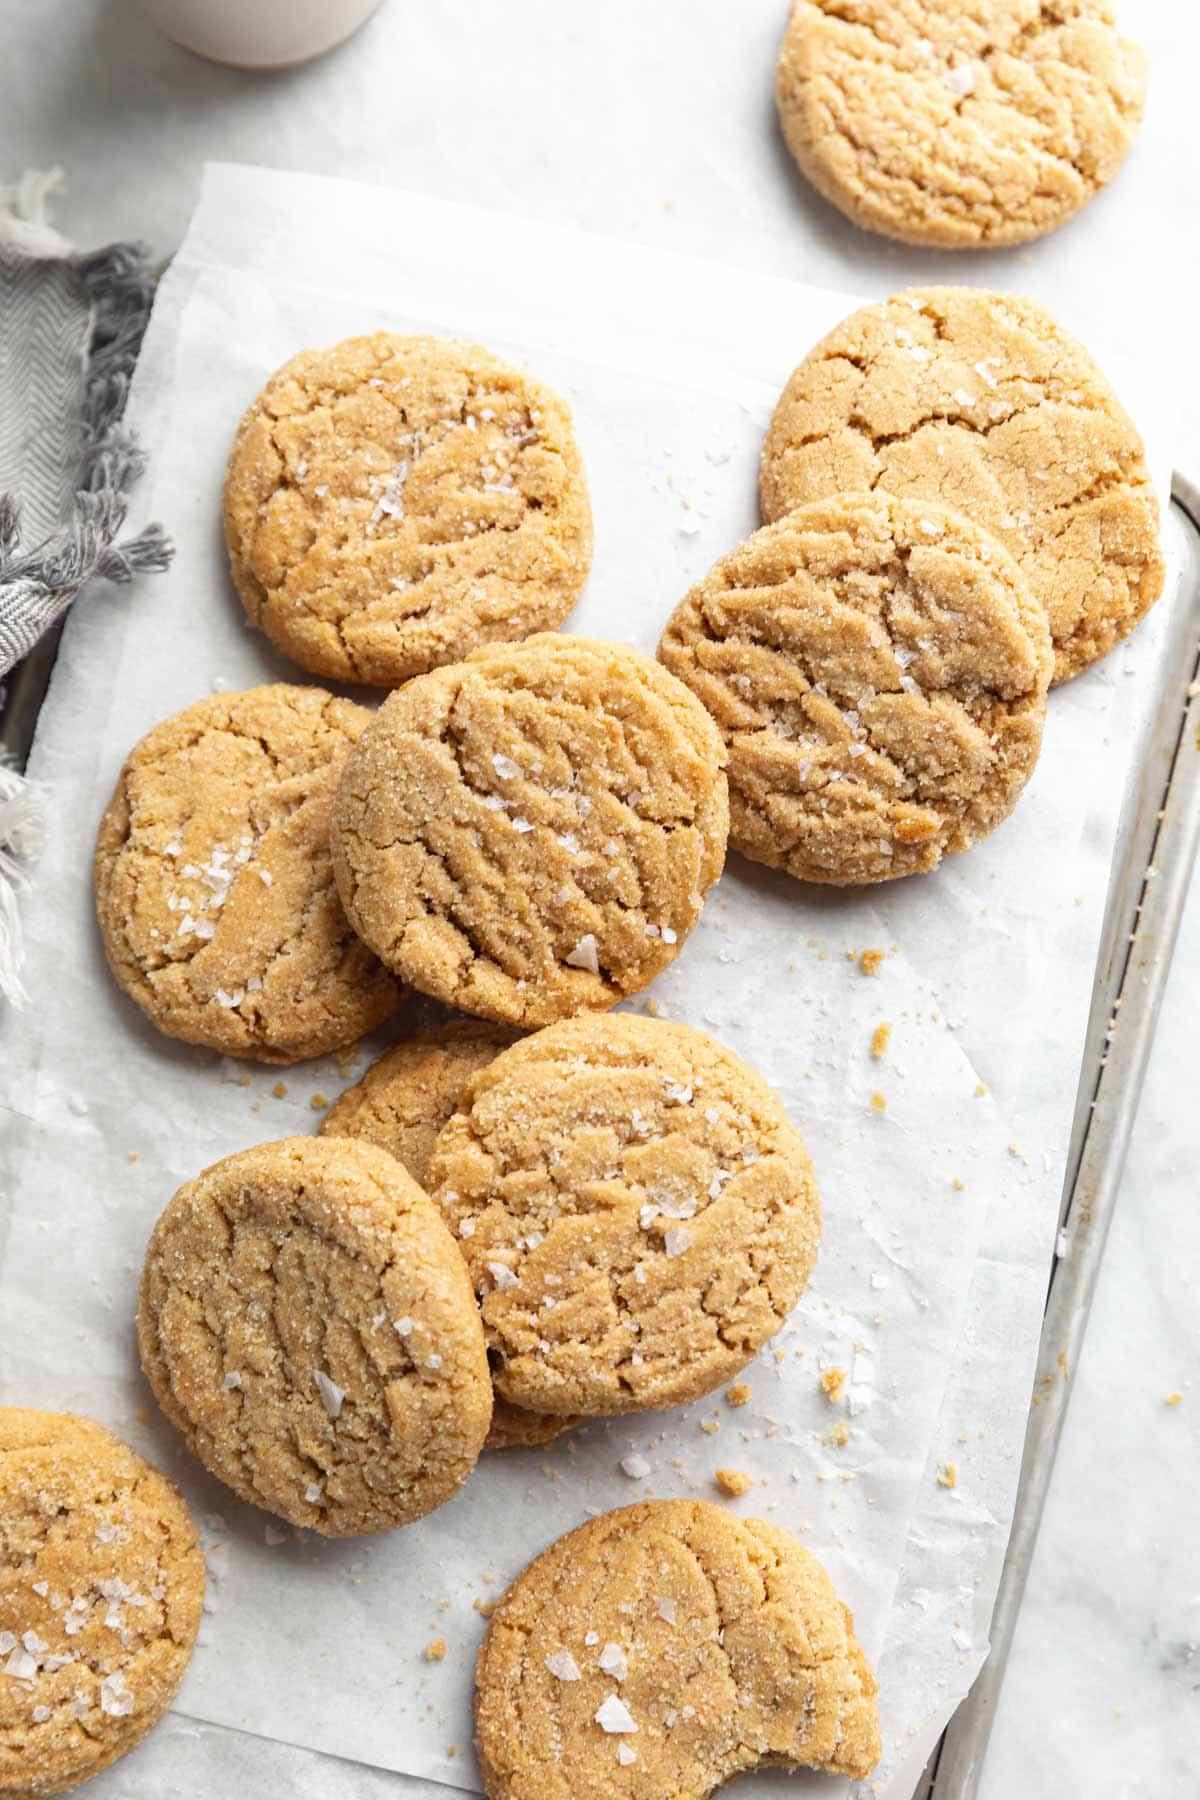 biscuits au beurre d'arachide doux et moelleux sur une casserole